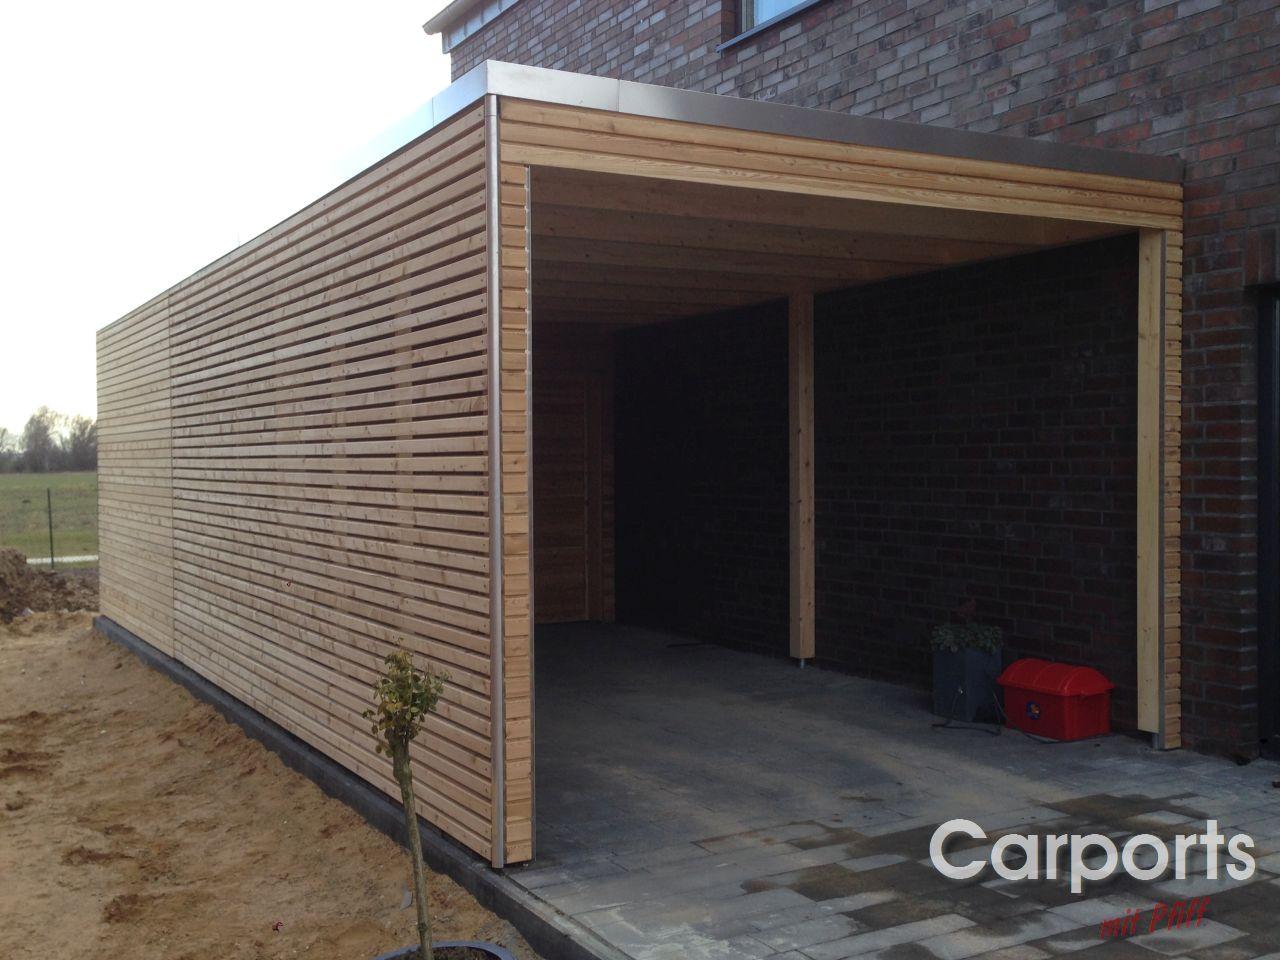 carport bauhaus rhombo aus sibirischer l rche carports mit pfiff carports mit pfiff. Black Bedroom Furniture Sets. Home Design Ideas